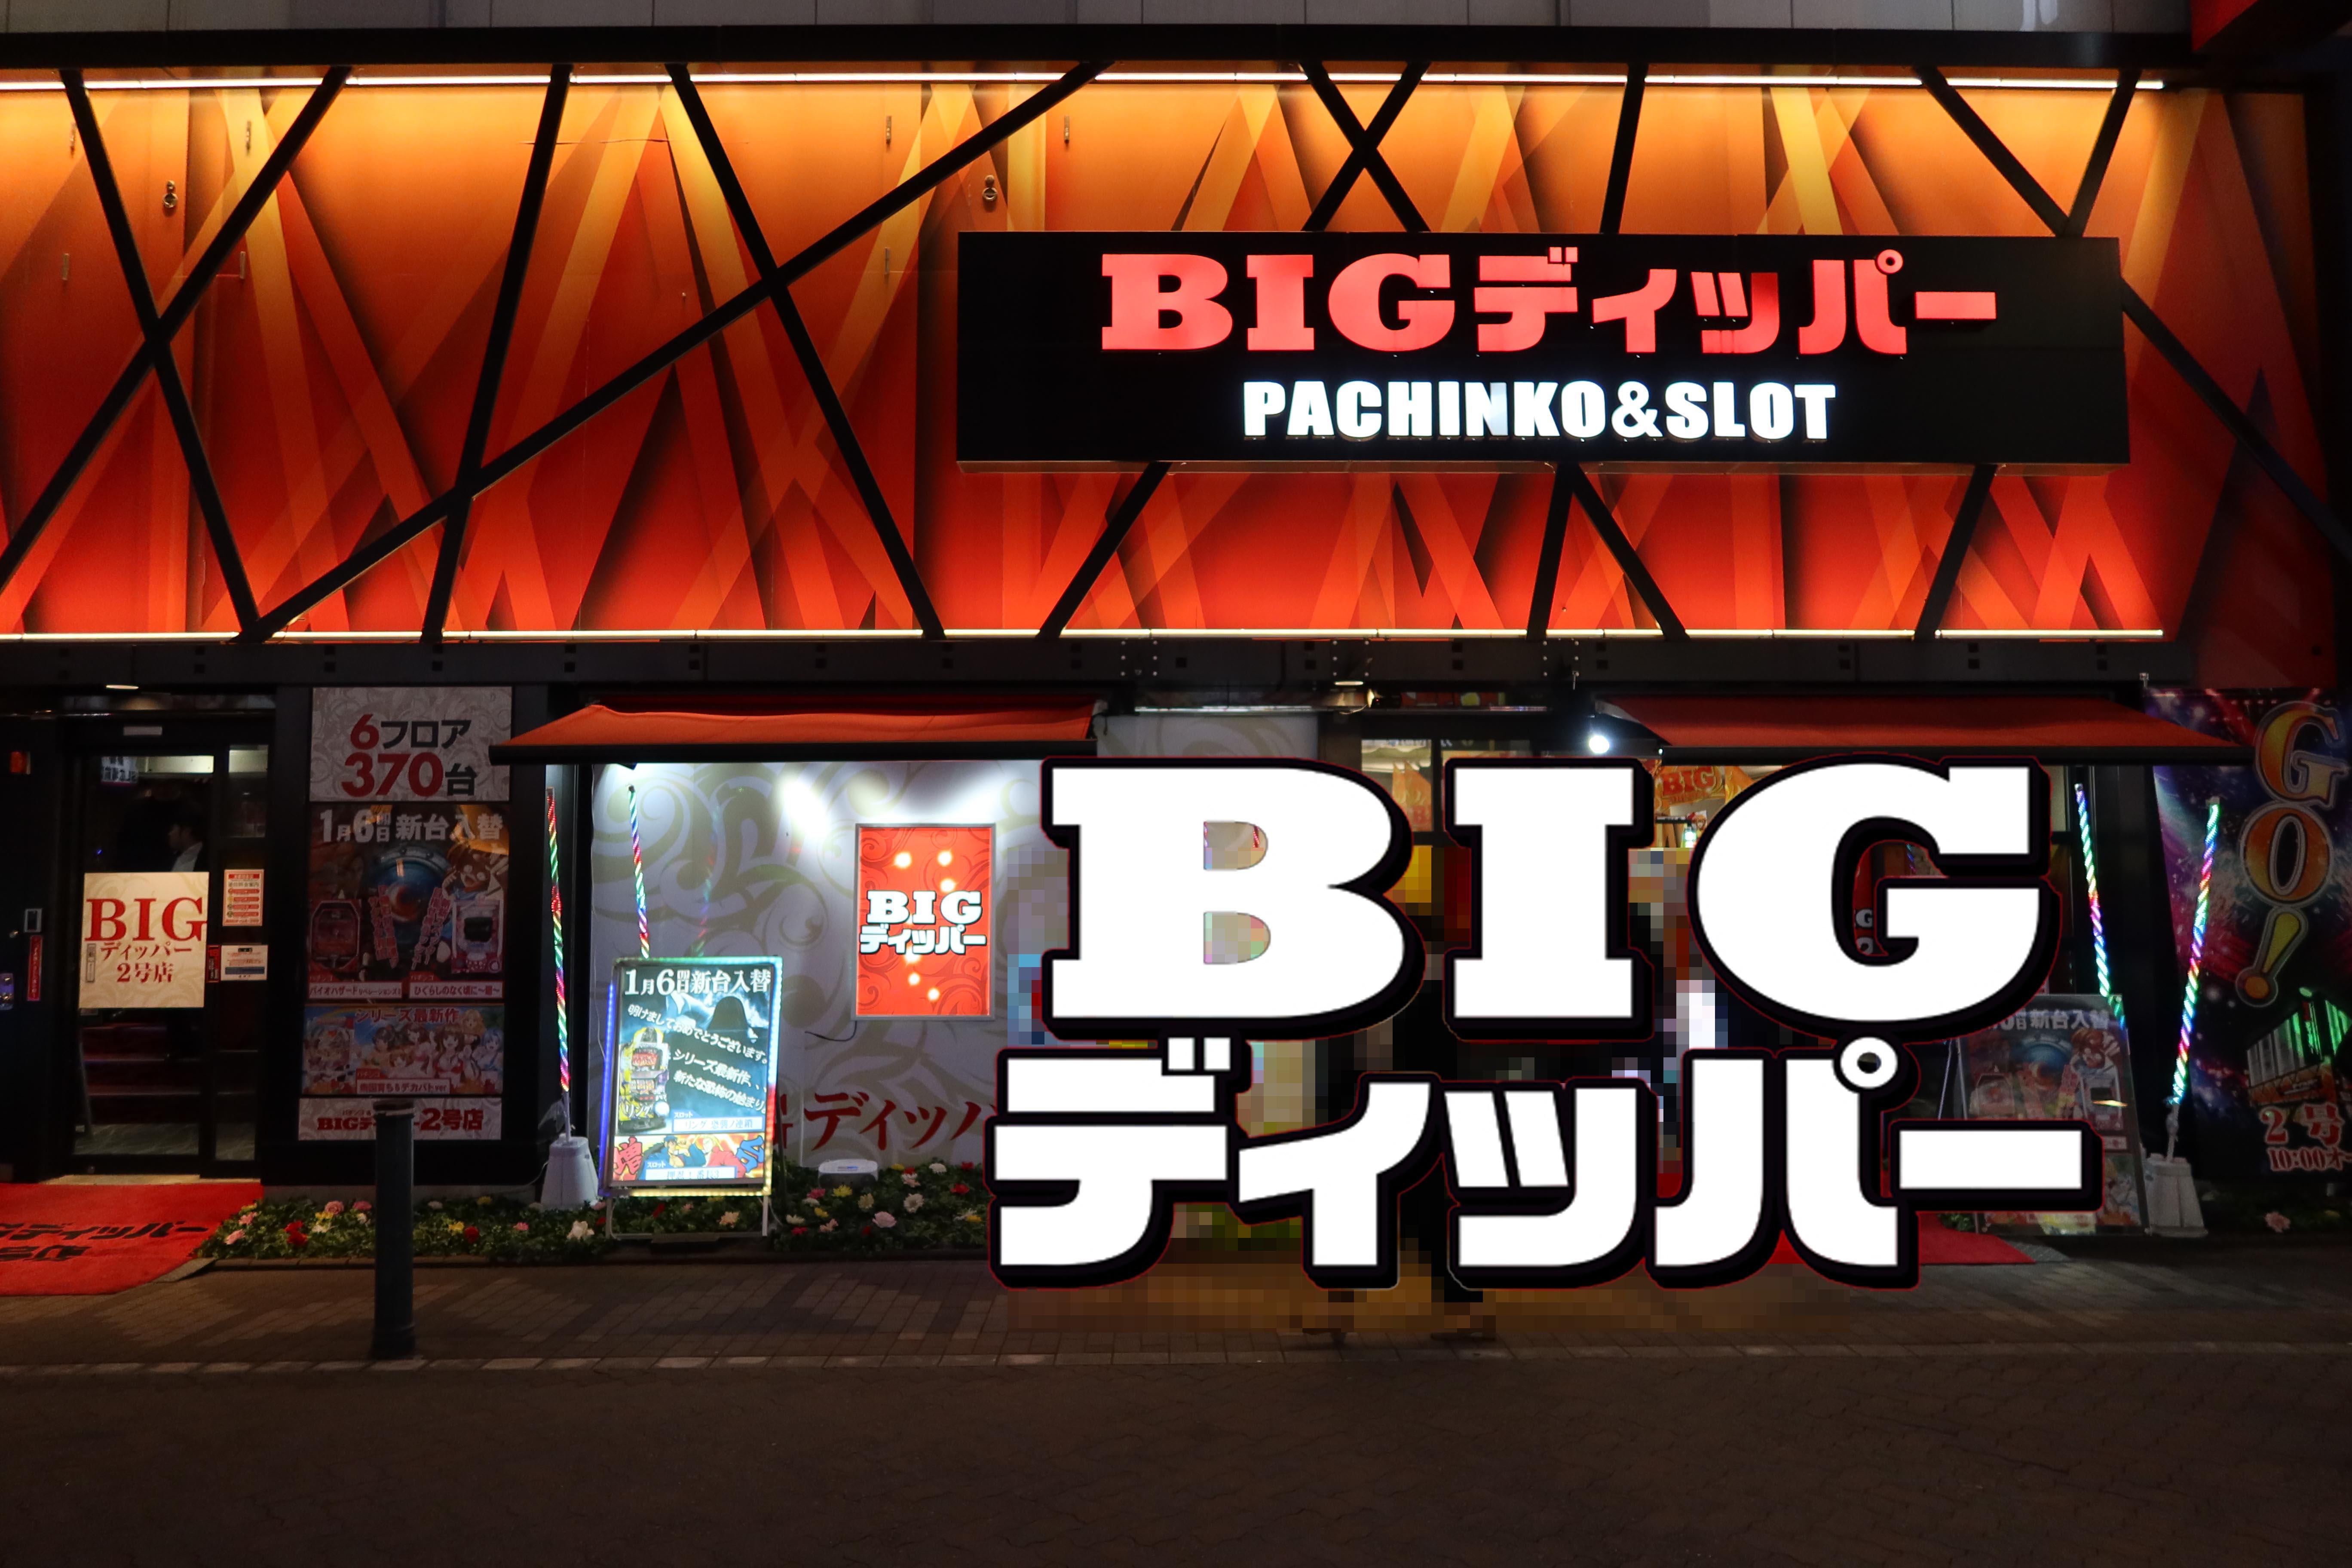 BIGディッパー新橋2号店様